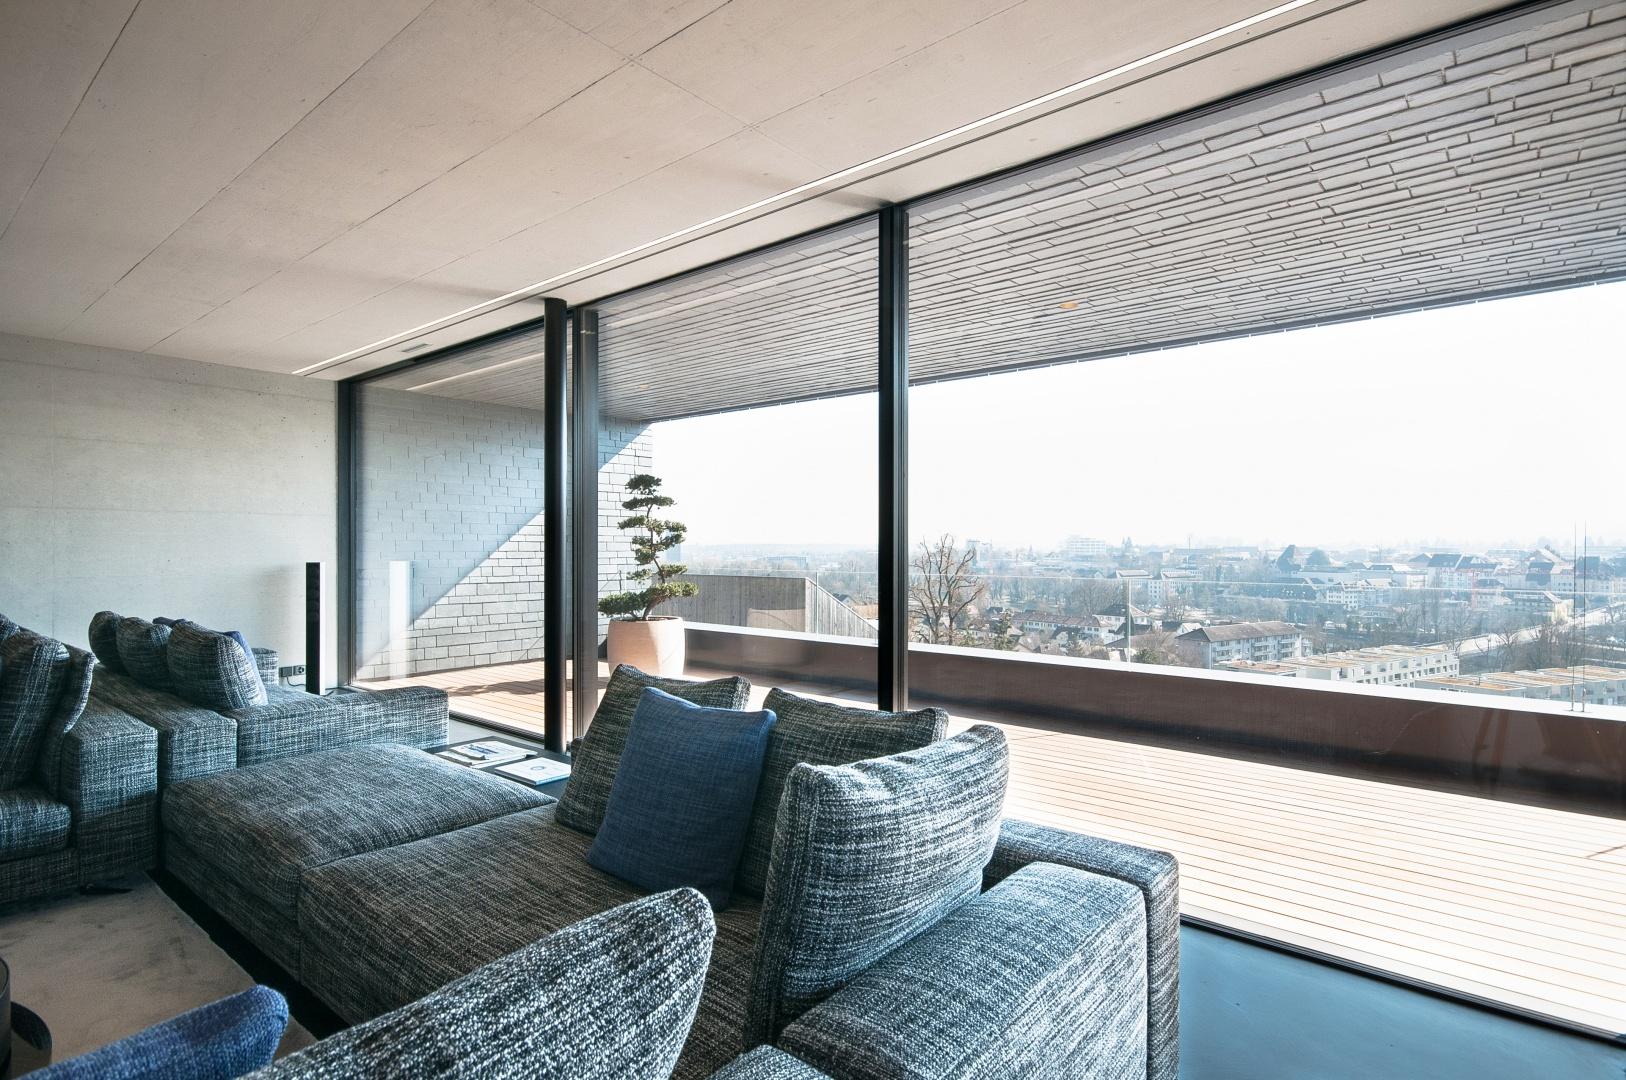 Wohnraum © Lämmli Architektur AG, 5000 Aarau